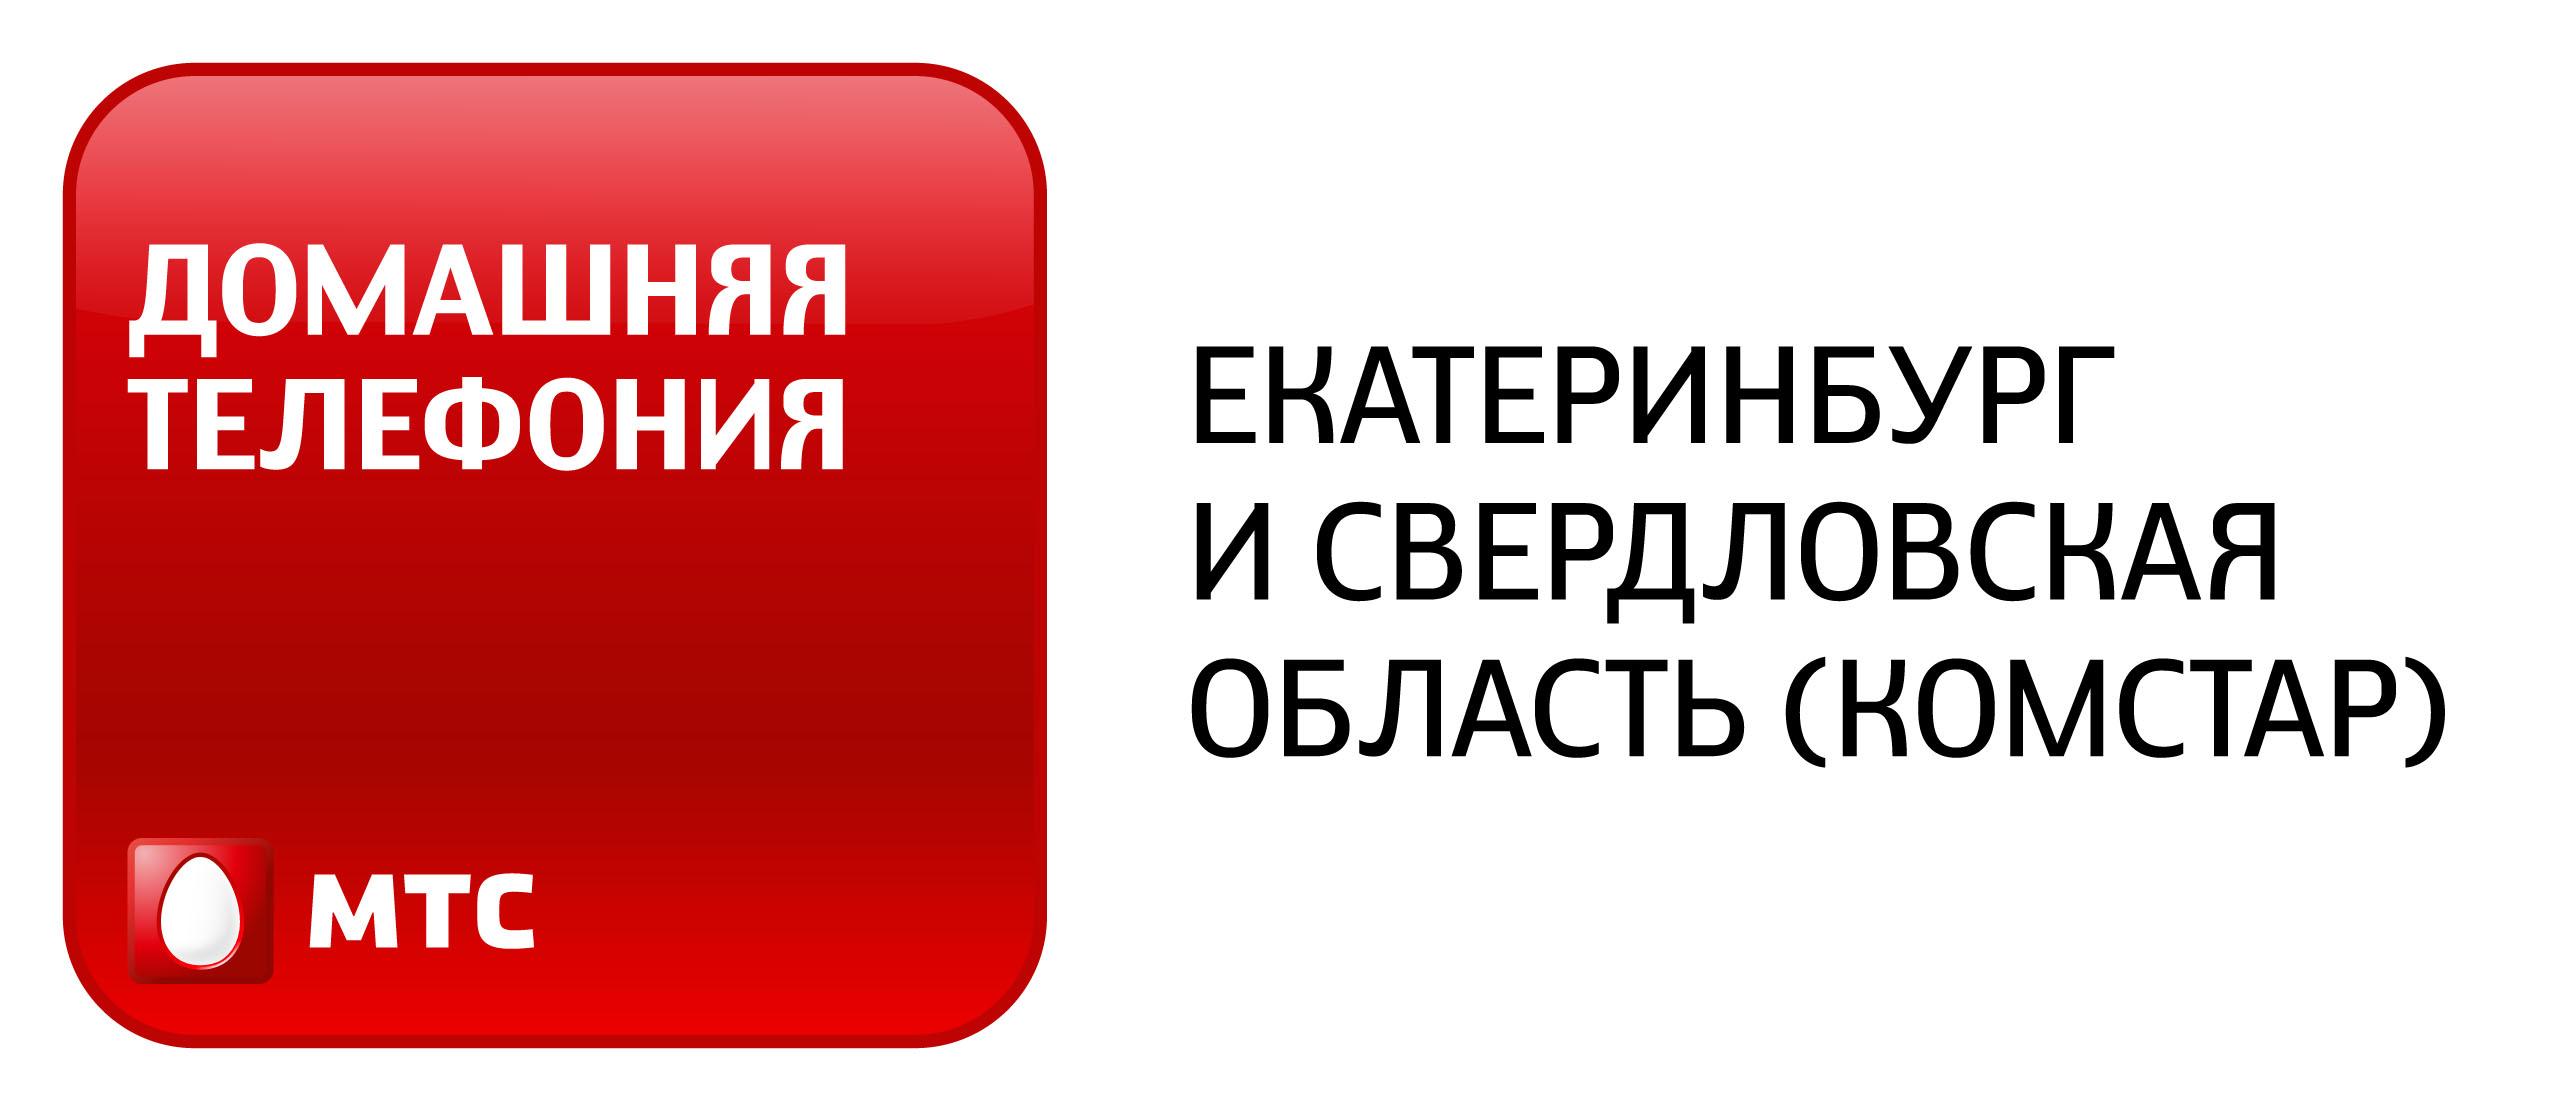 Домашняя телефония Екатерибург и Свердловская область